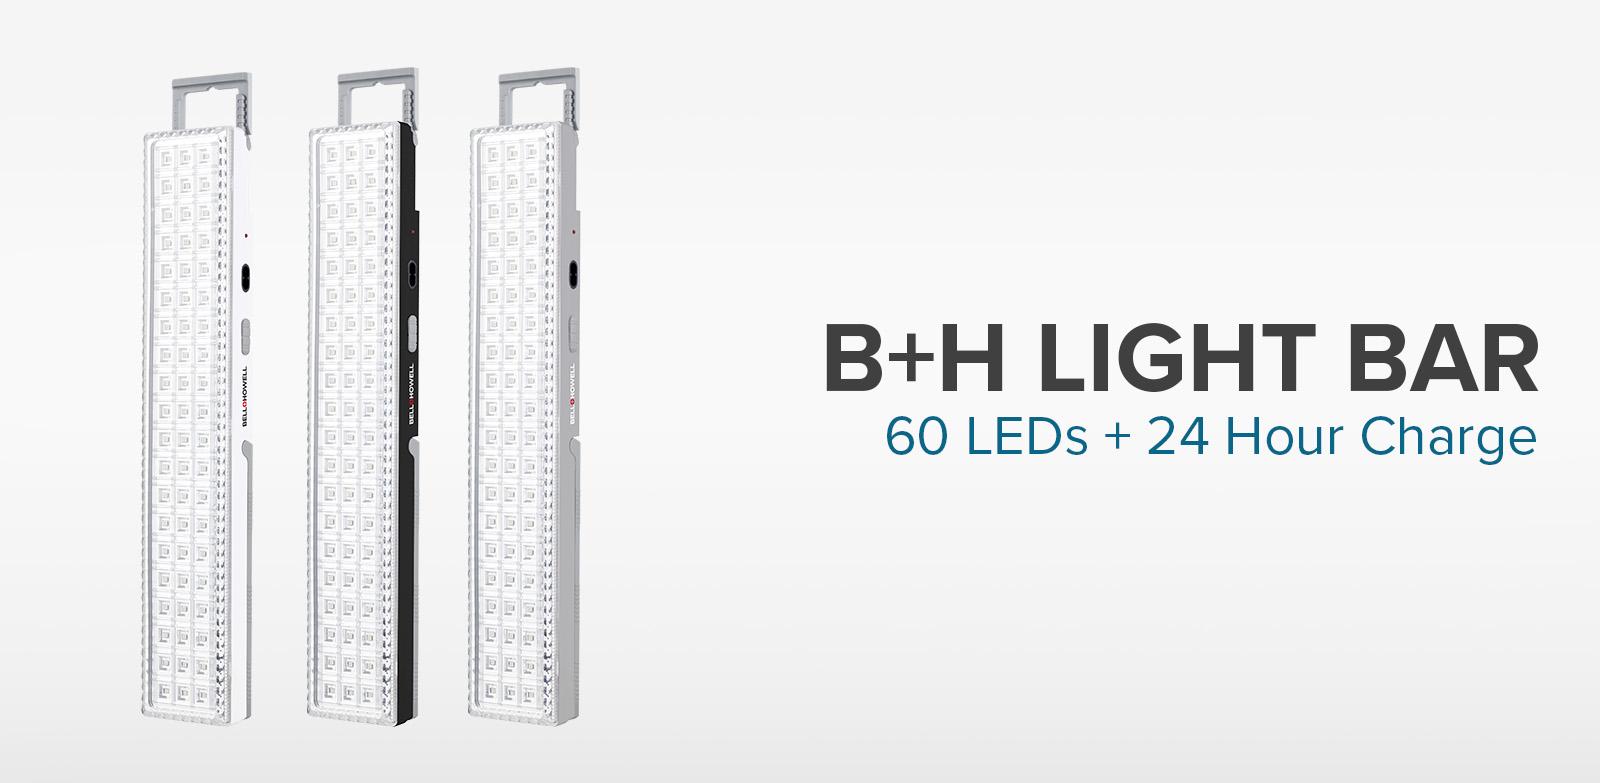 LightBar_ImageBlocks.jpg